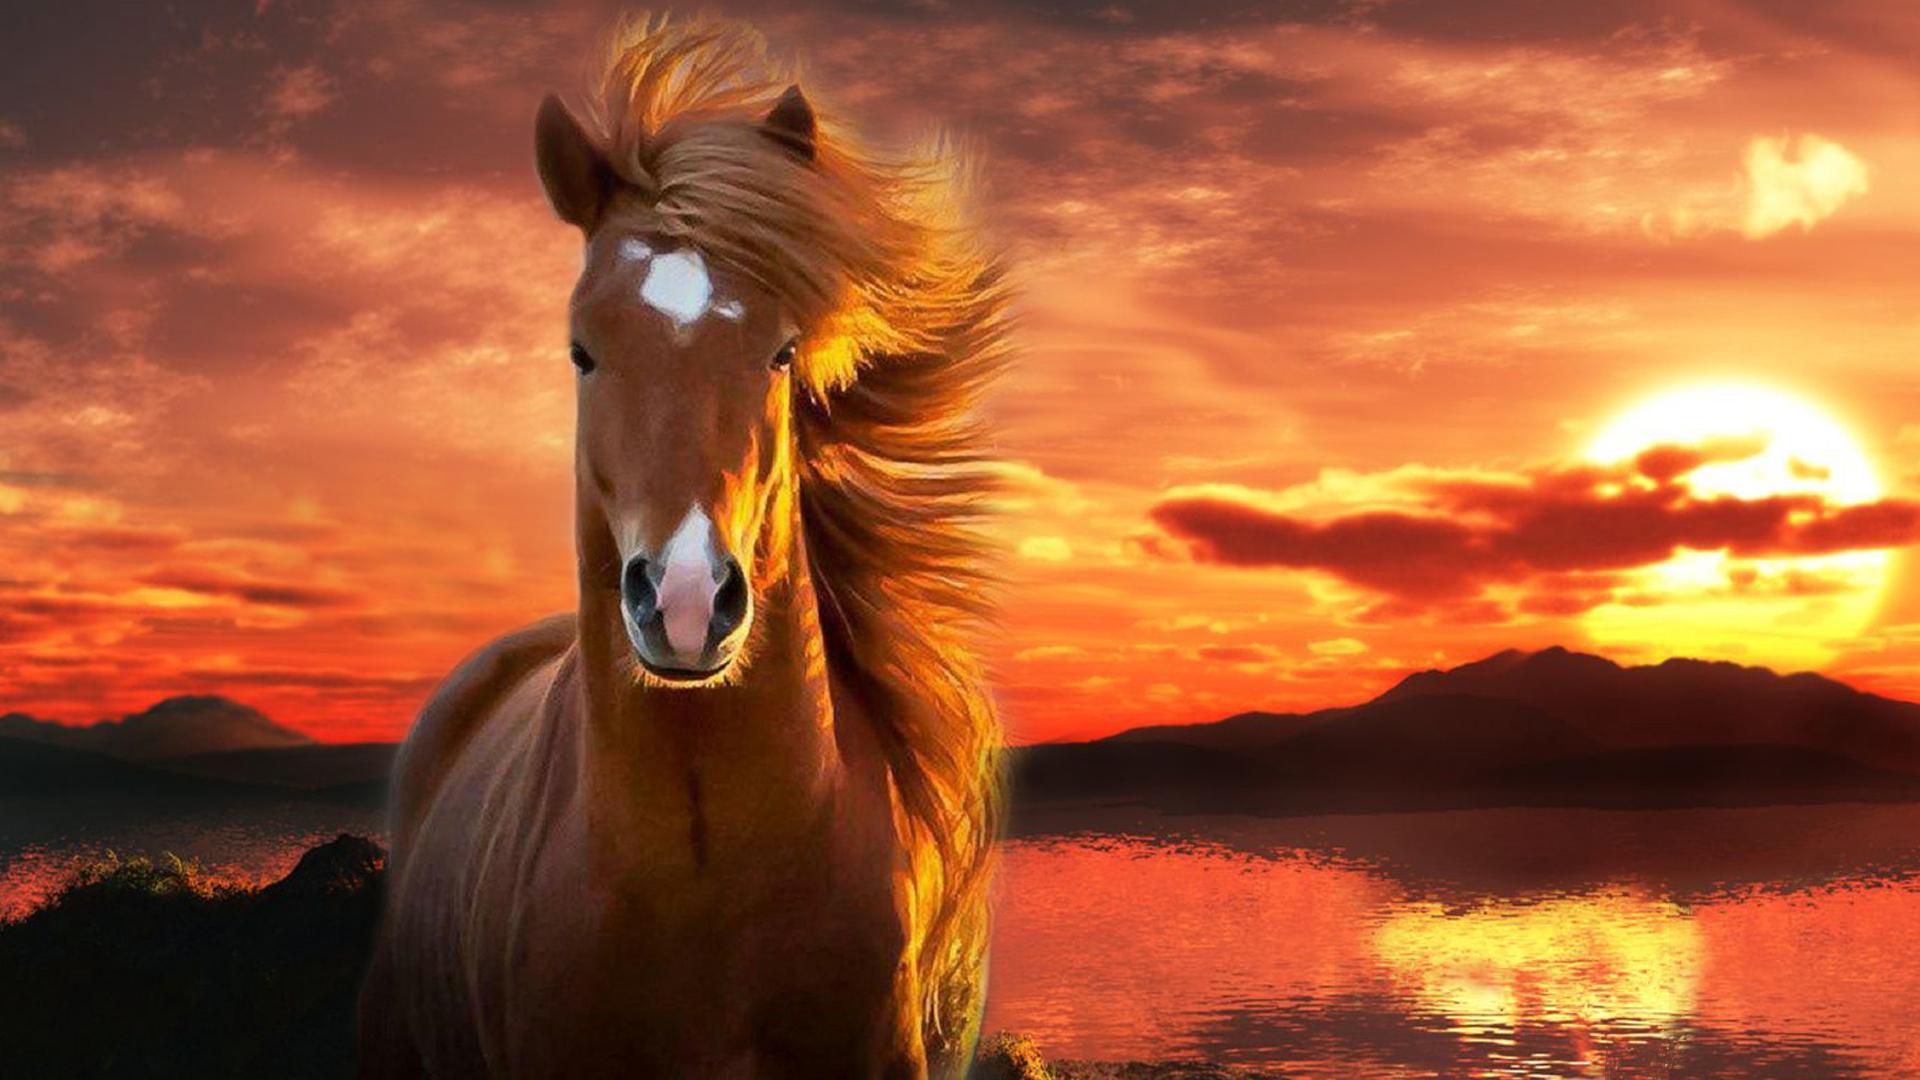 imagen de Paisaje y caballo